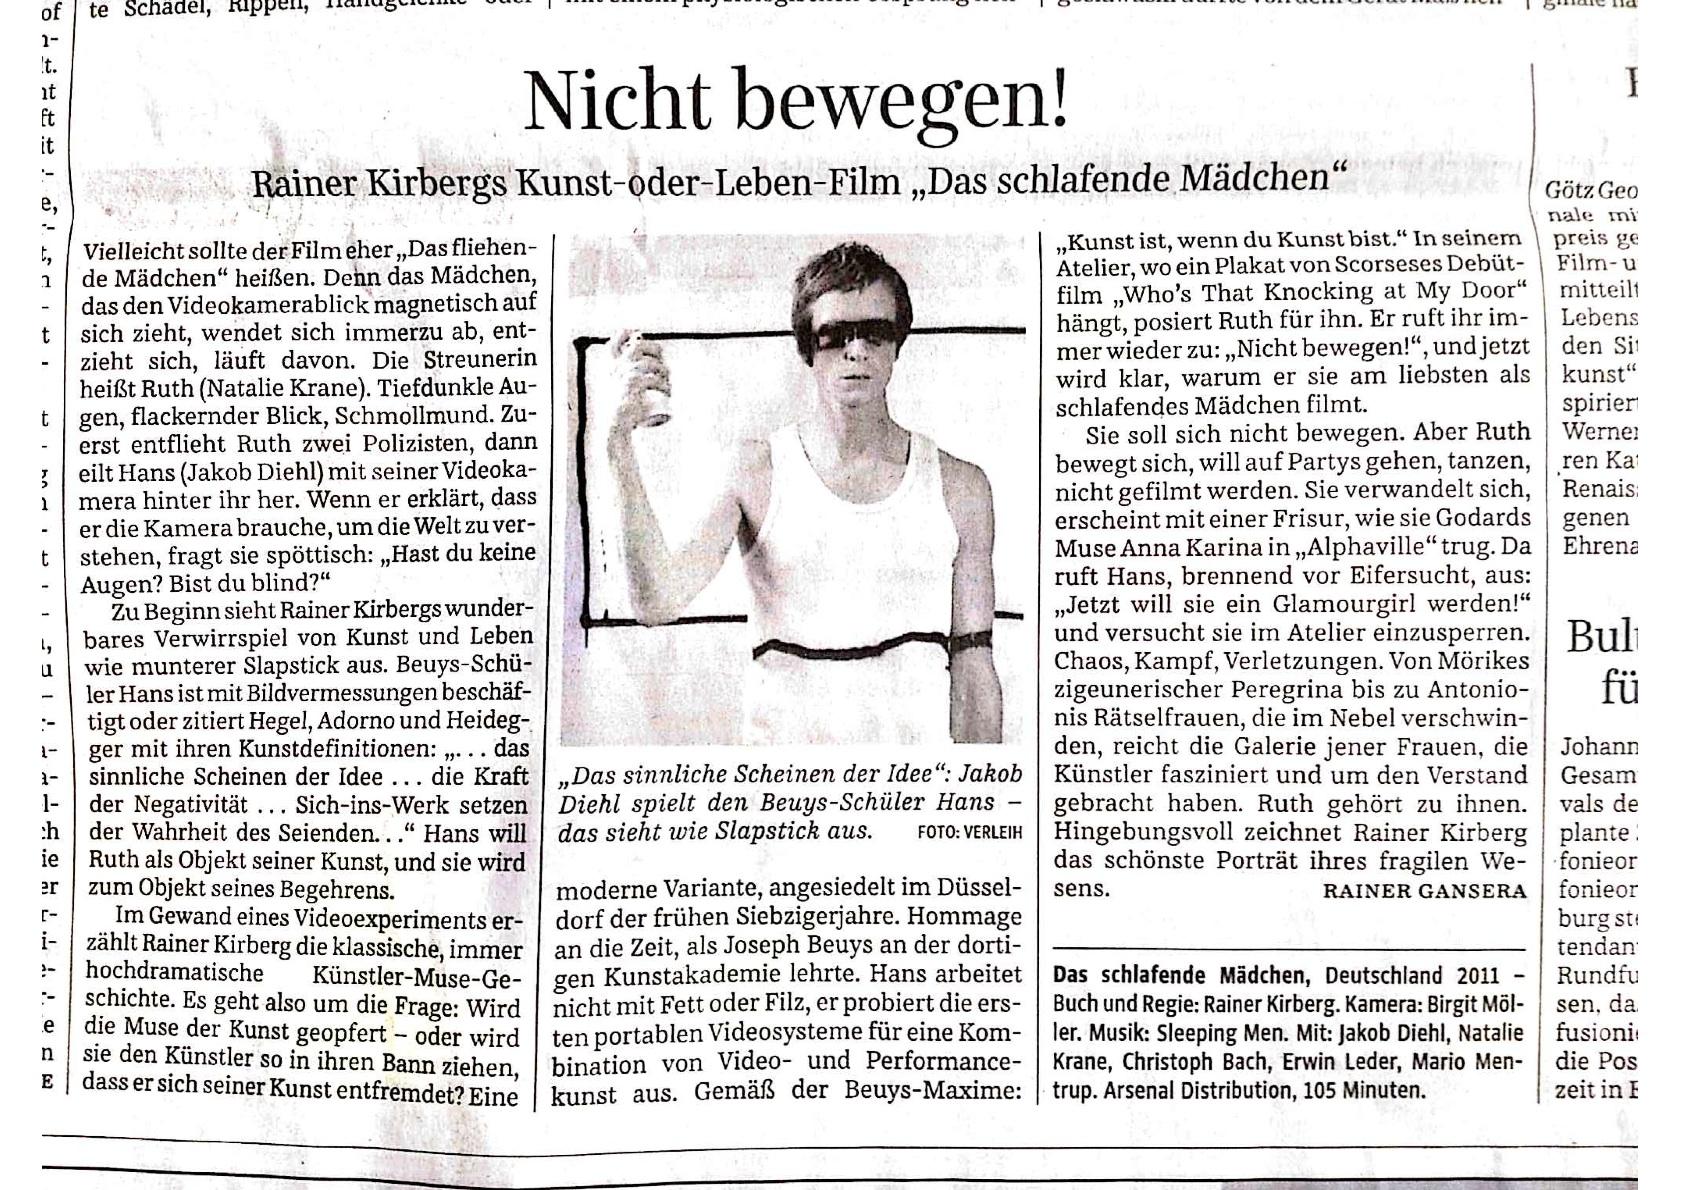 Das schlafende Mädchen - Filmkritik von Rainer Gansera, Süddeutsche Zeitung 19.01.2013